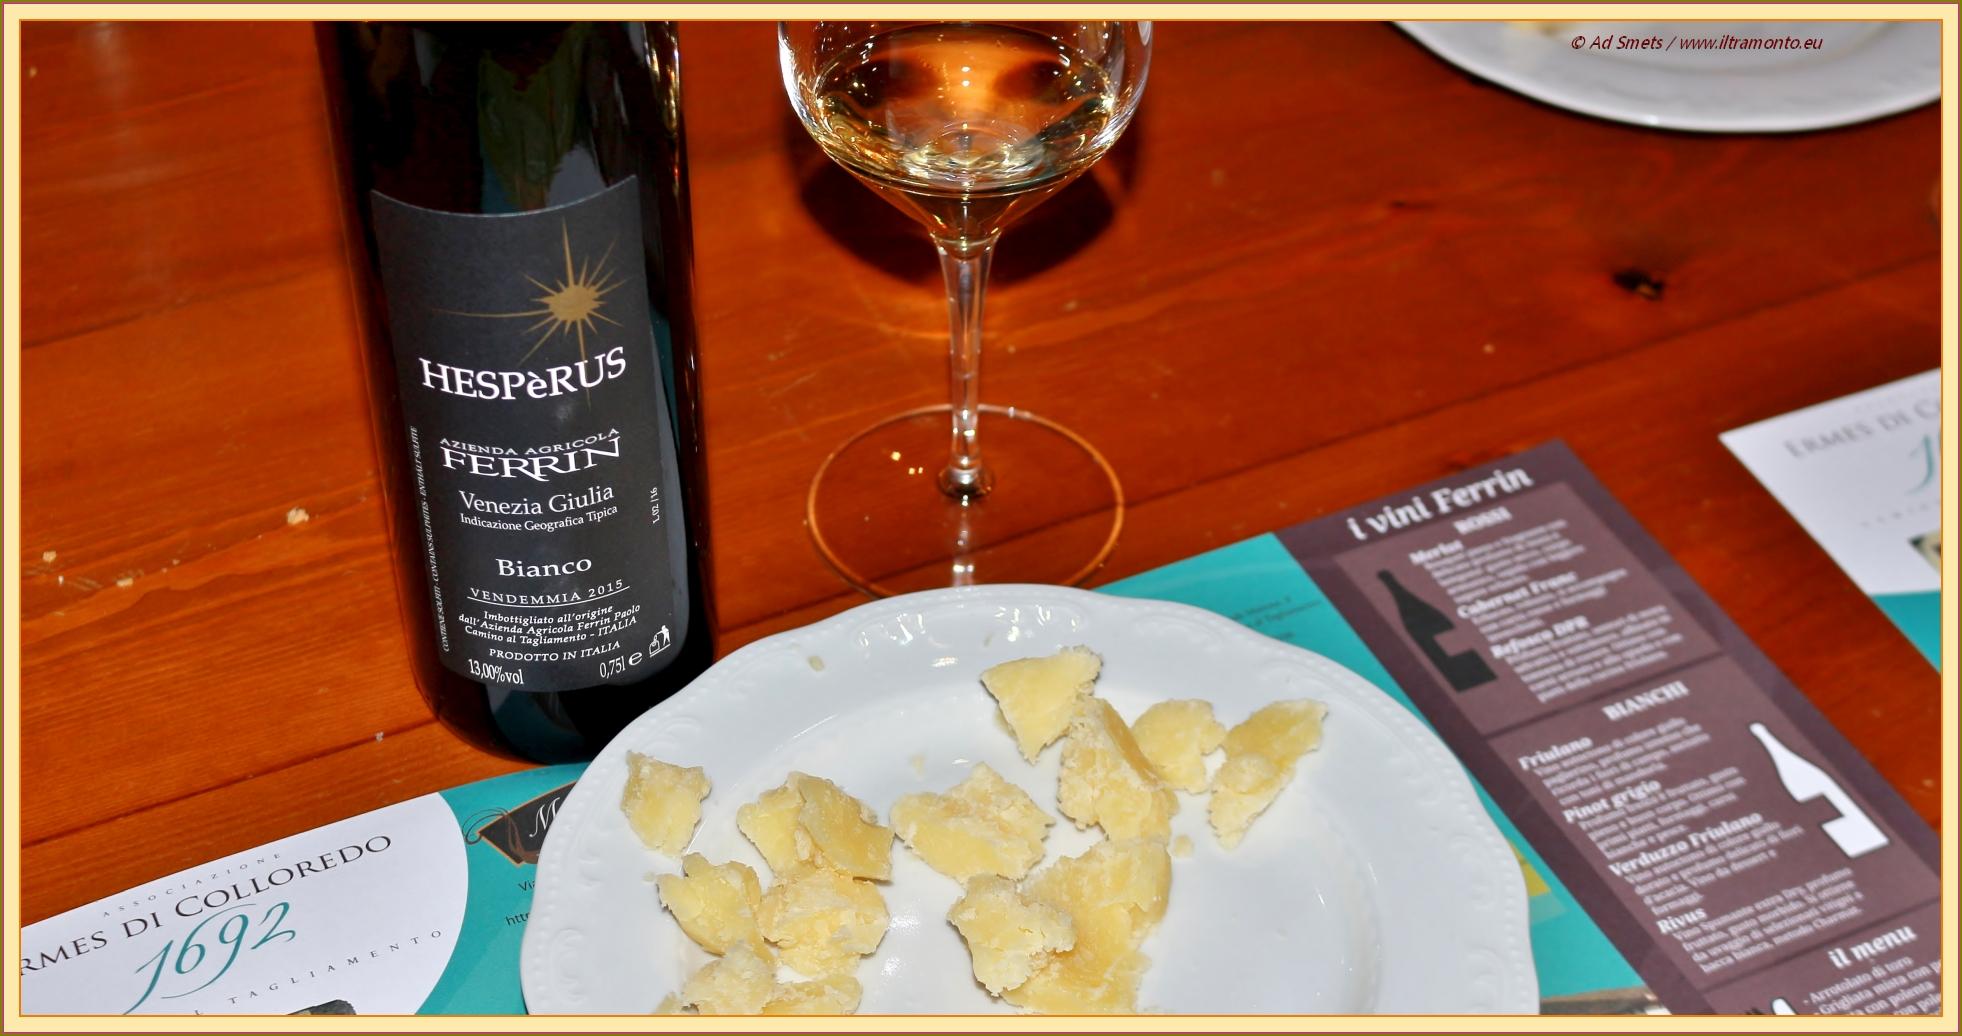 cantine-aperte-ferrin_1282_il-tramonto-wines